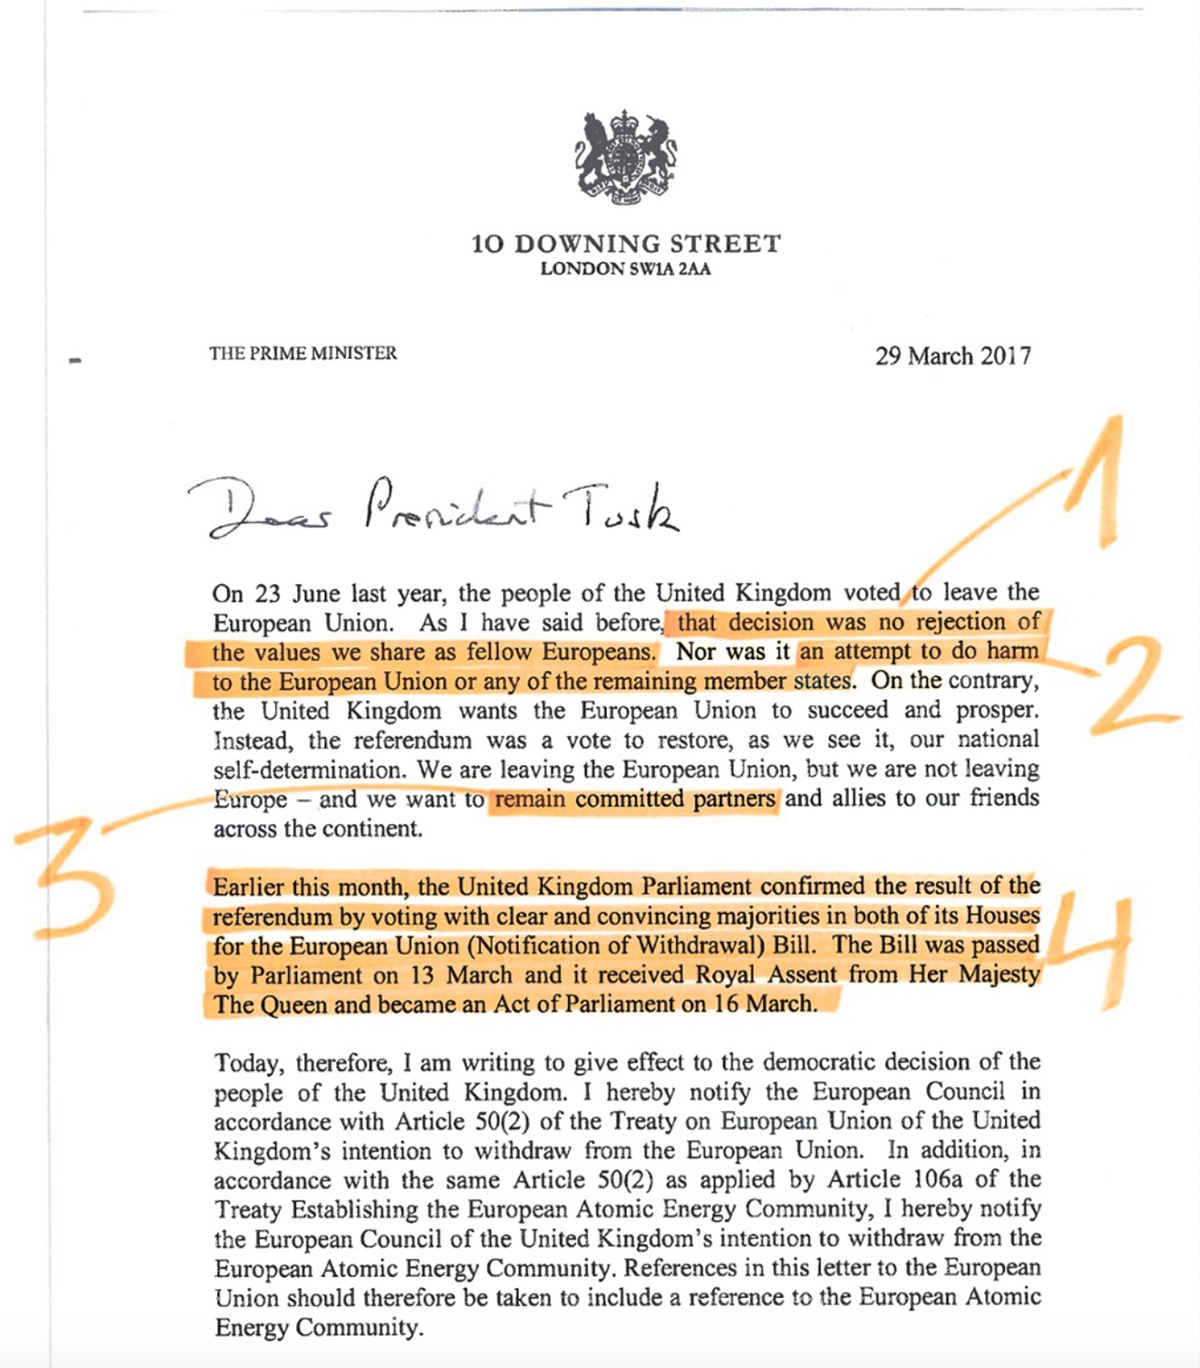 La lettera con la formale richiesta di Brexit annotata